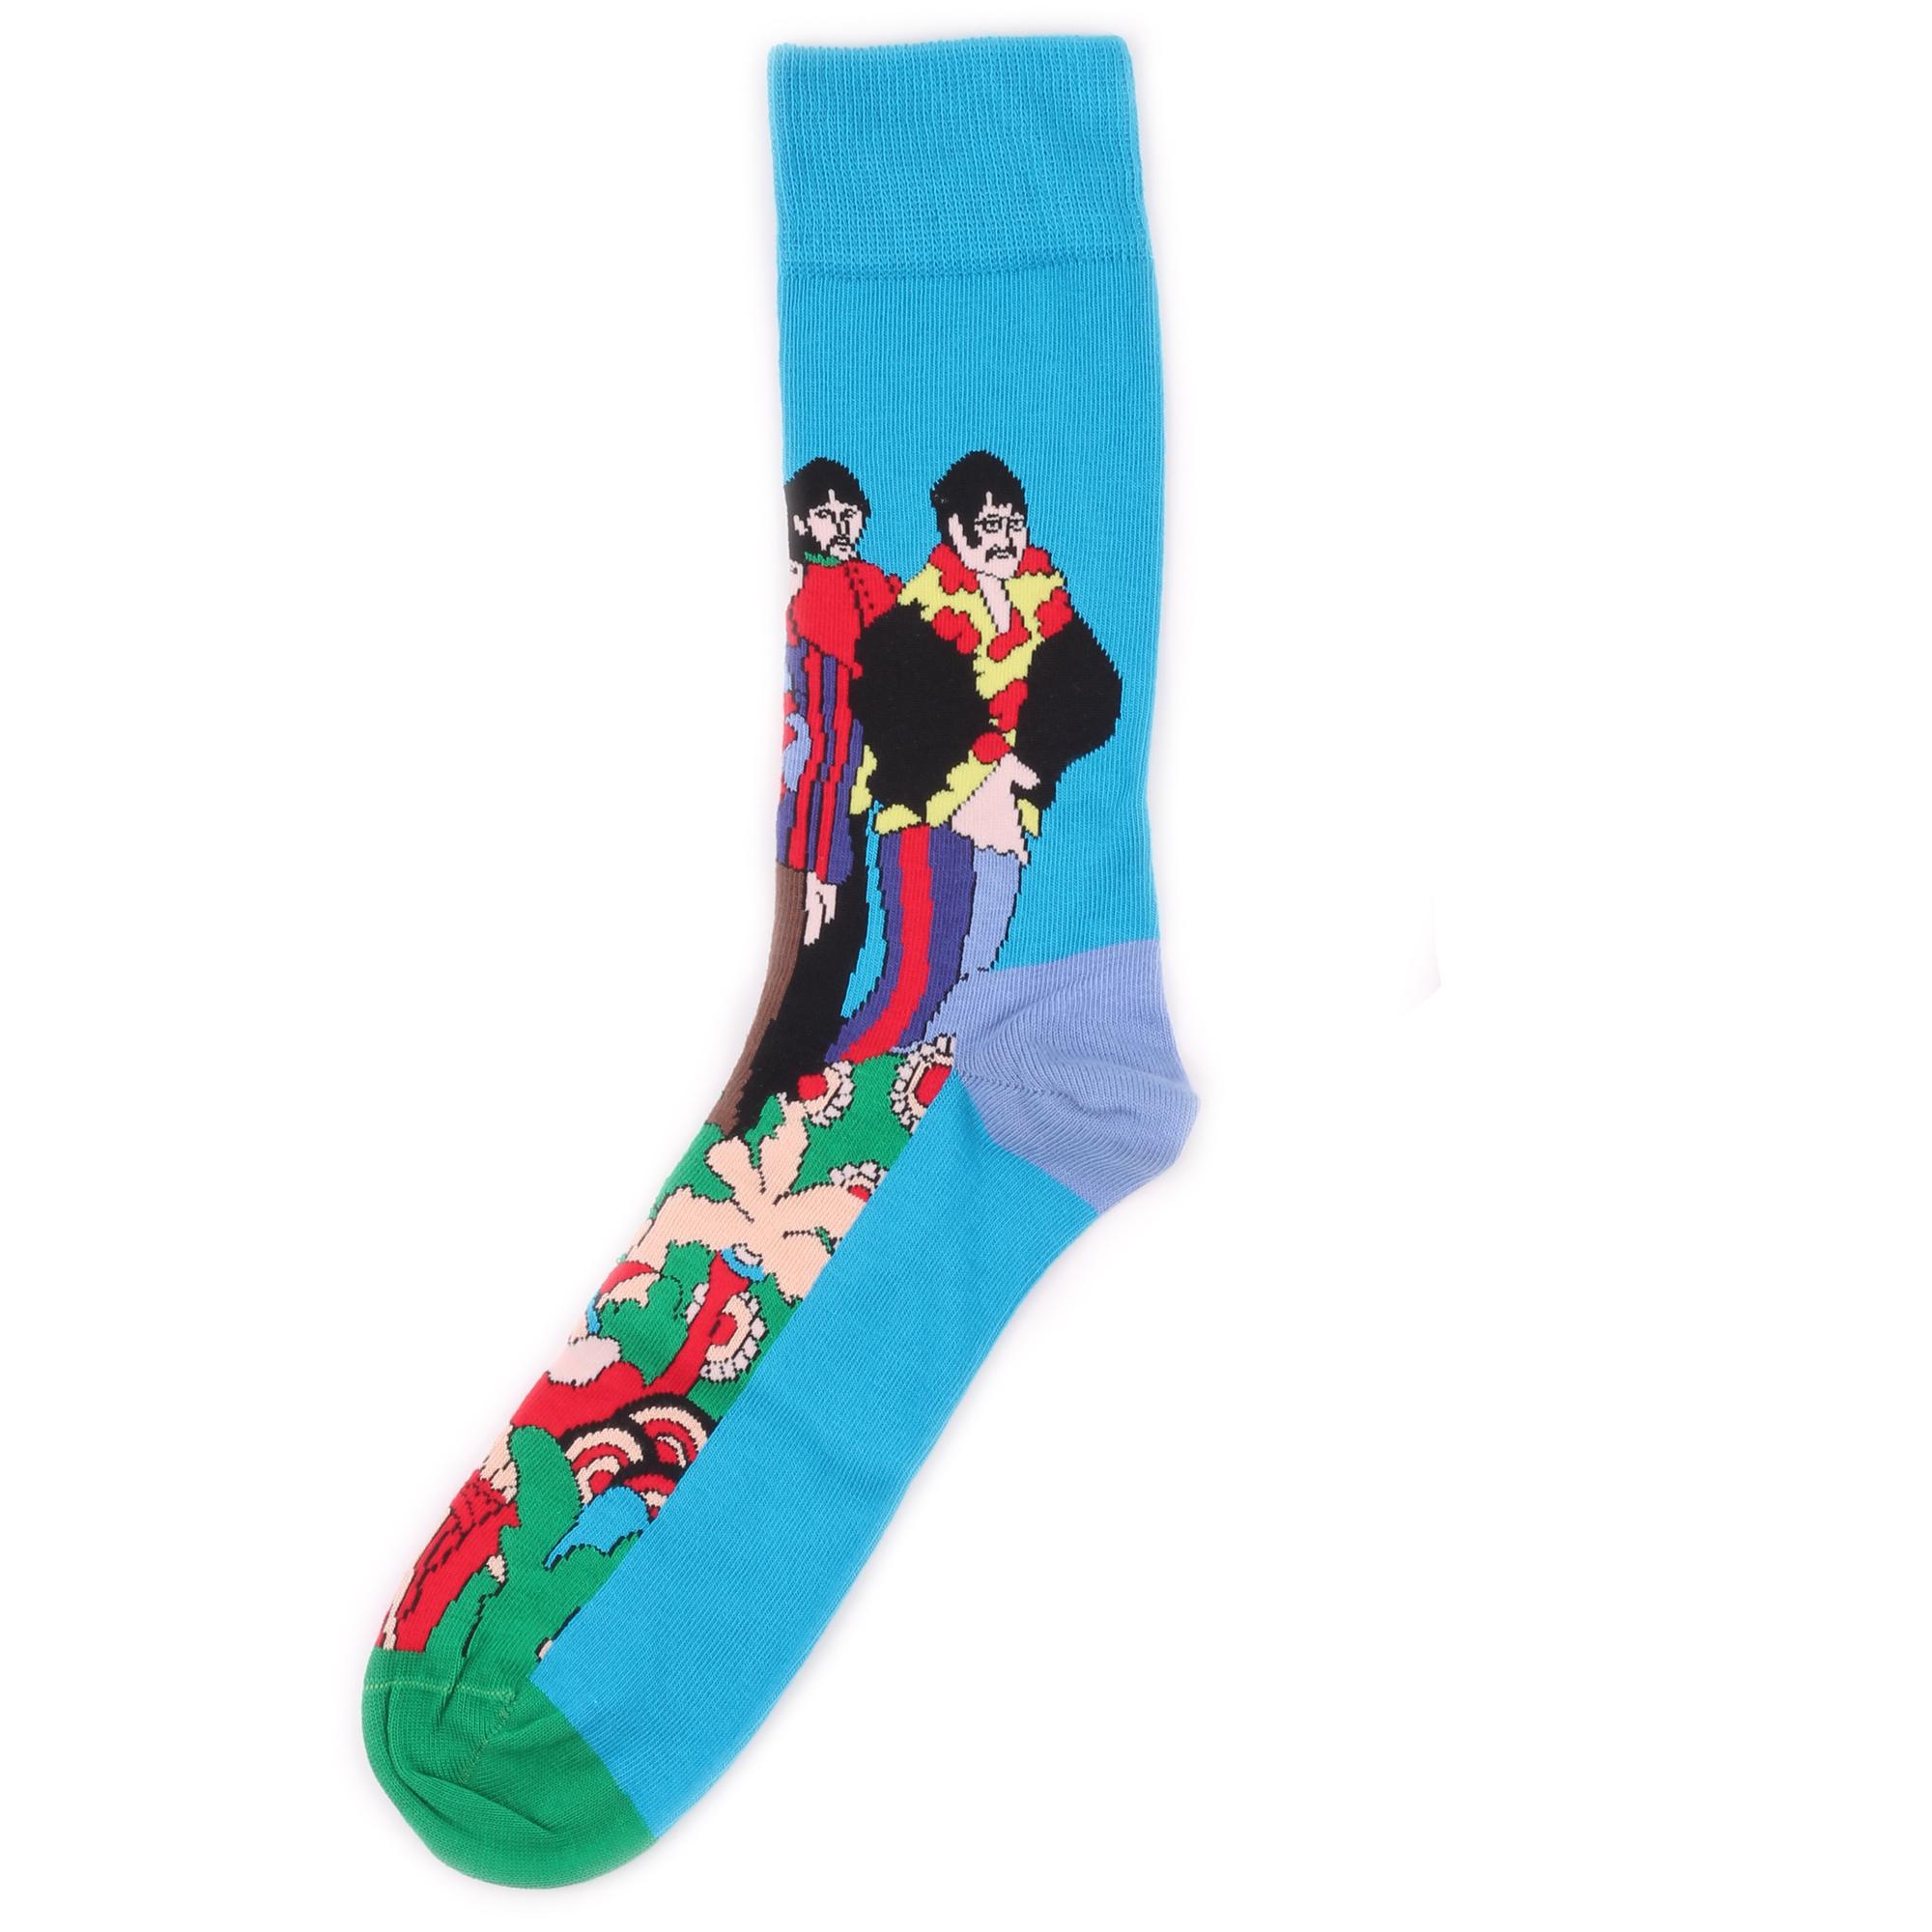 Носки унисекс Happy Socks x The Beatles - Pepperland синие 41-46